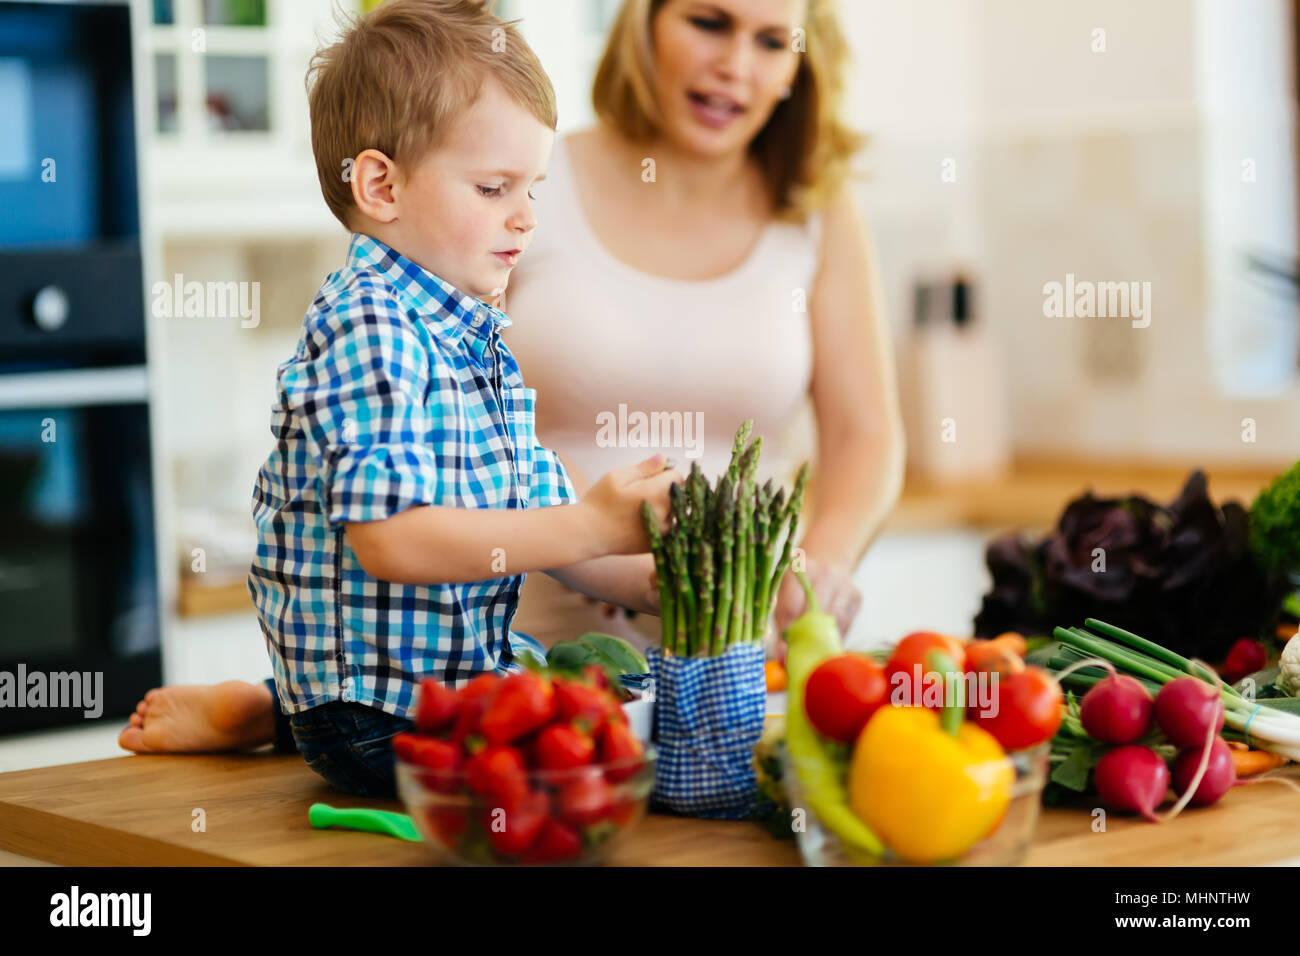 La madre e il bambino a preparare il pranzo Immagini Stock